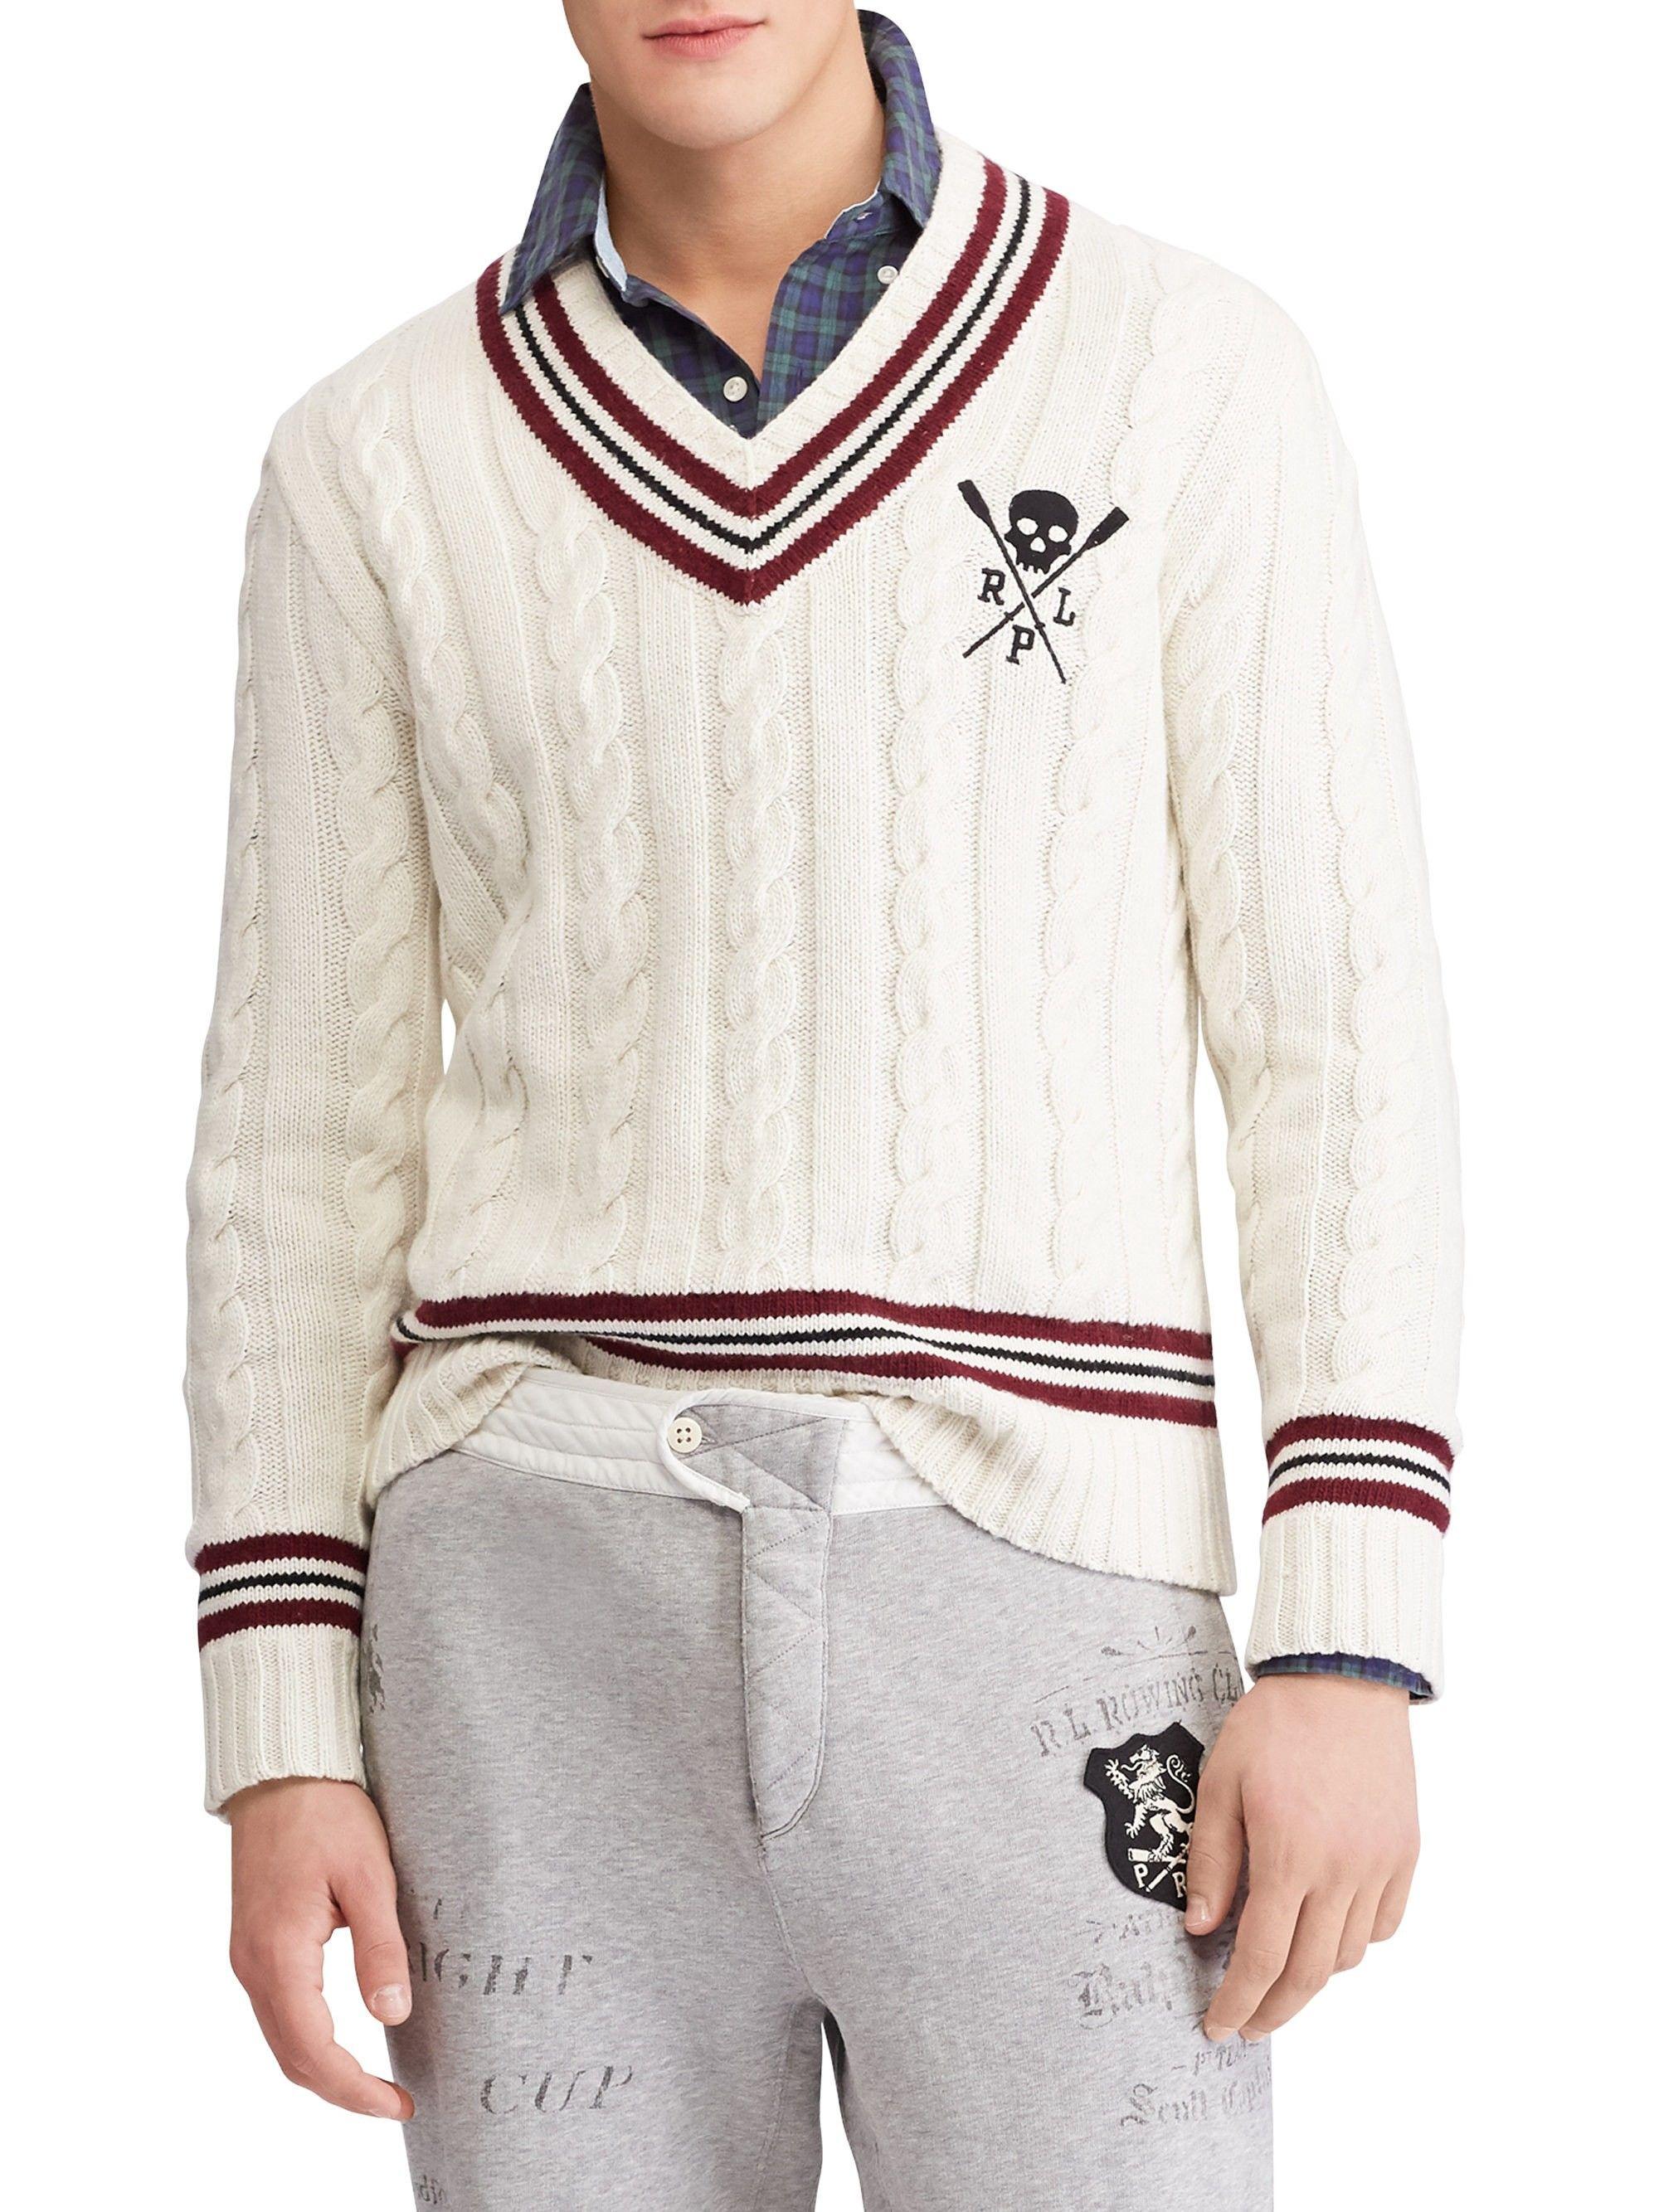 28548a1686d Ralph Lauren Striped Cricket Sweater - Cream Xx-Large